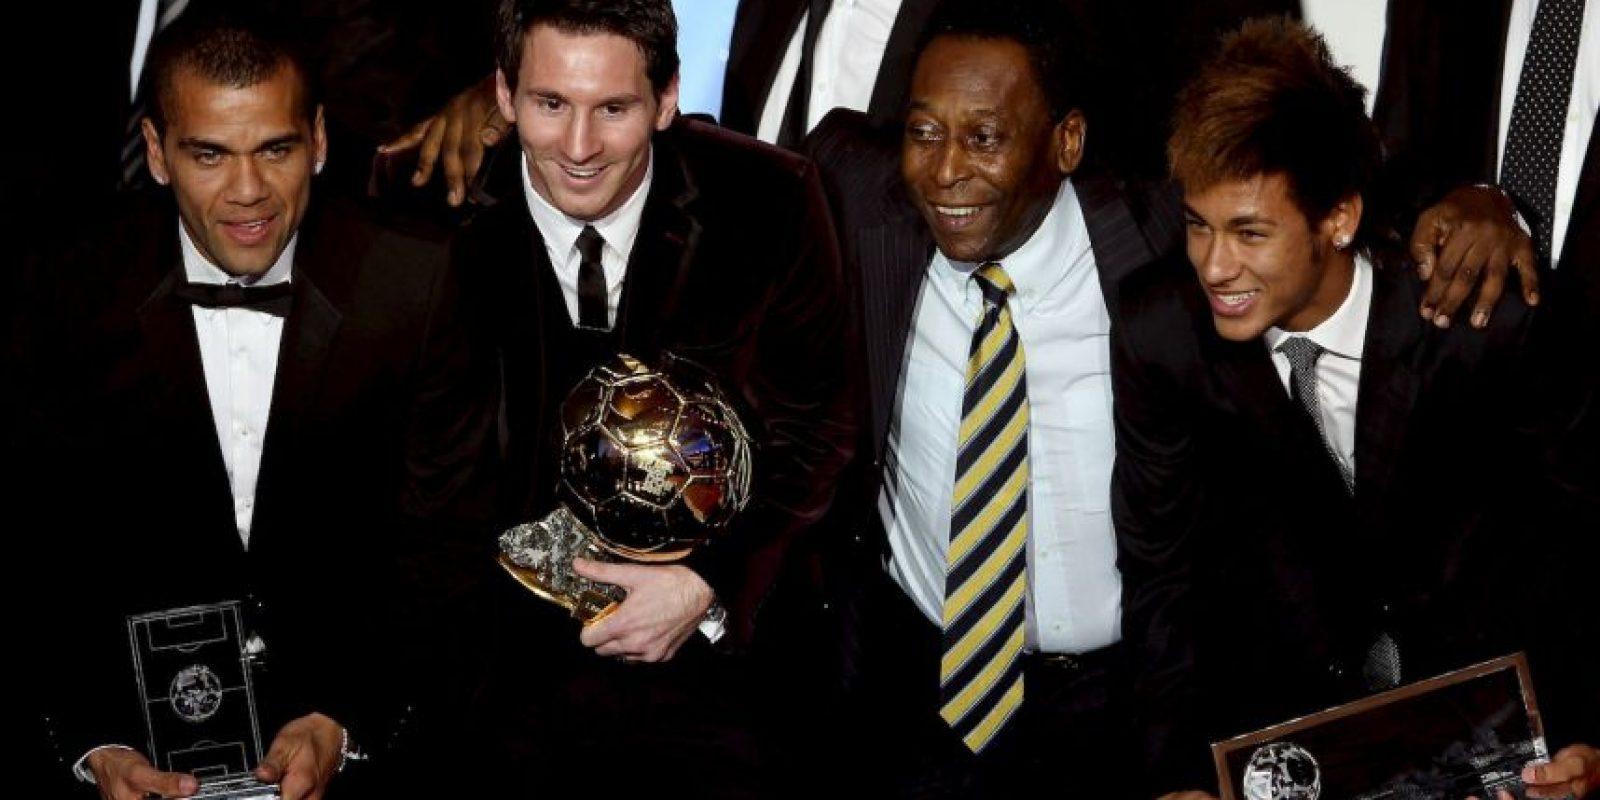 Pelé es considerado por gran parte de exjugadores, medios deportivos, organizaciones y afición en general, como el mejor futbolista de la historia. Foto:Getty Images